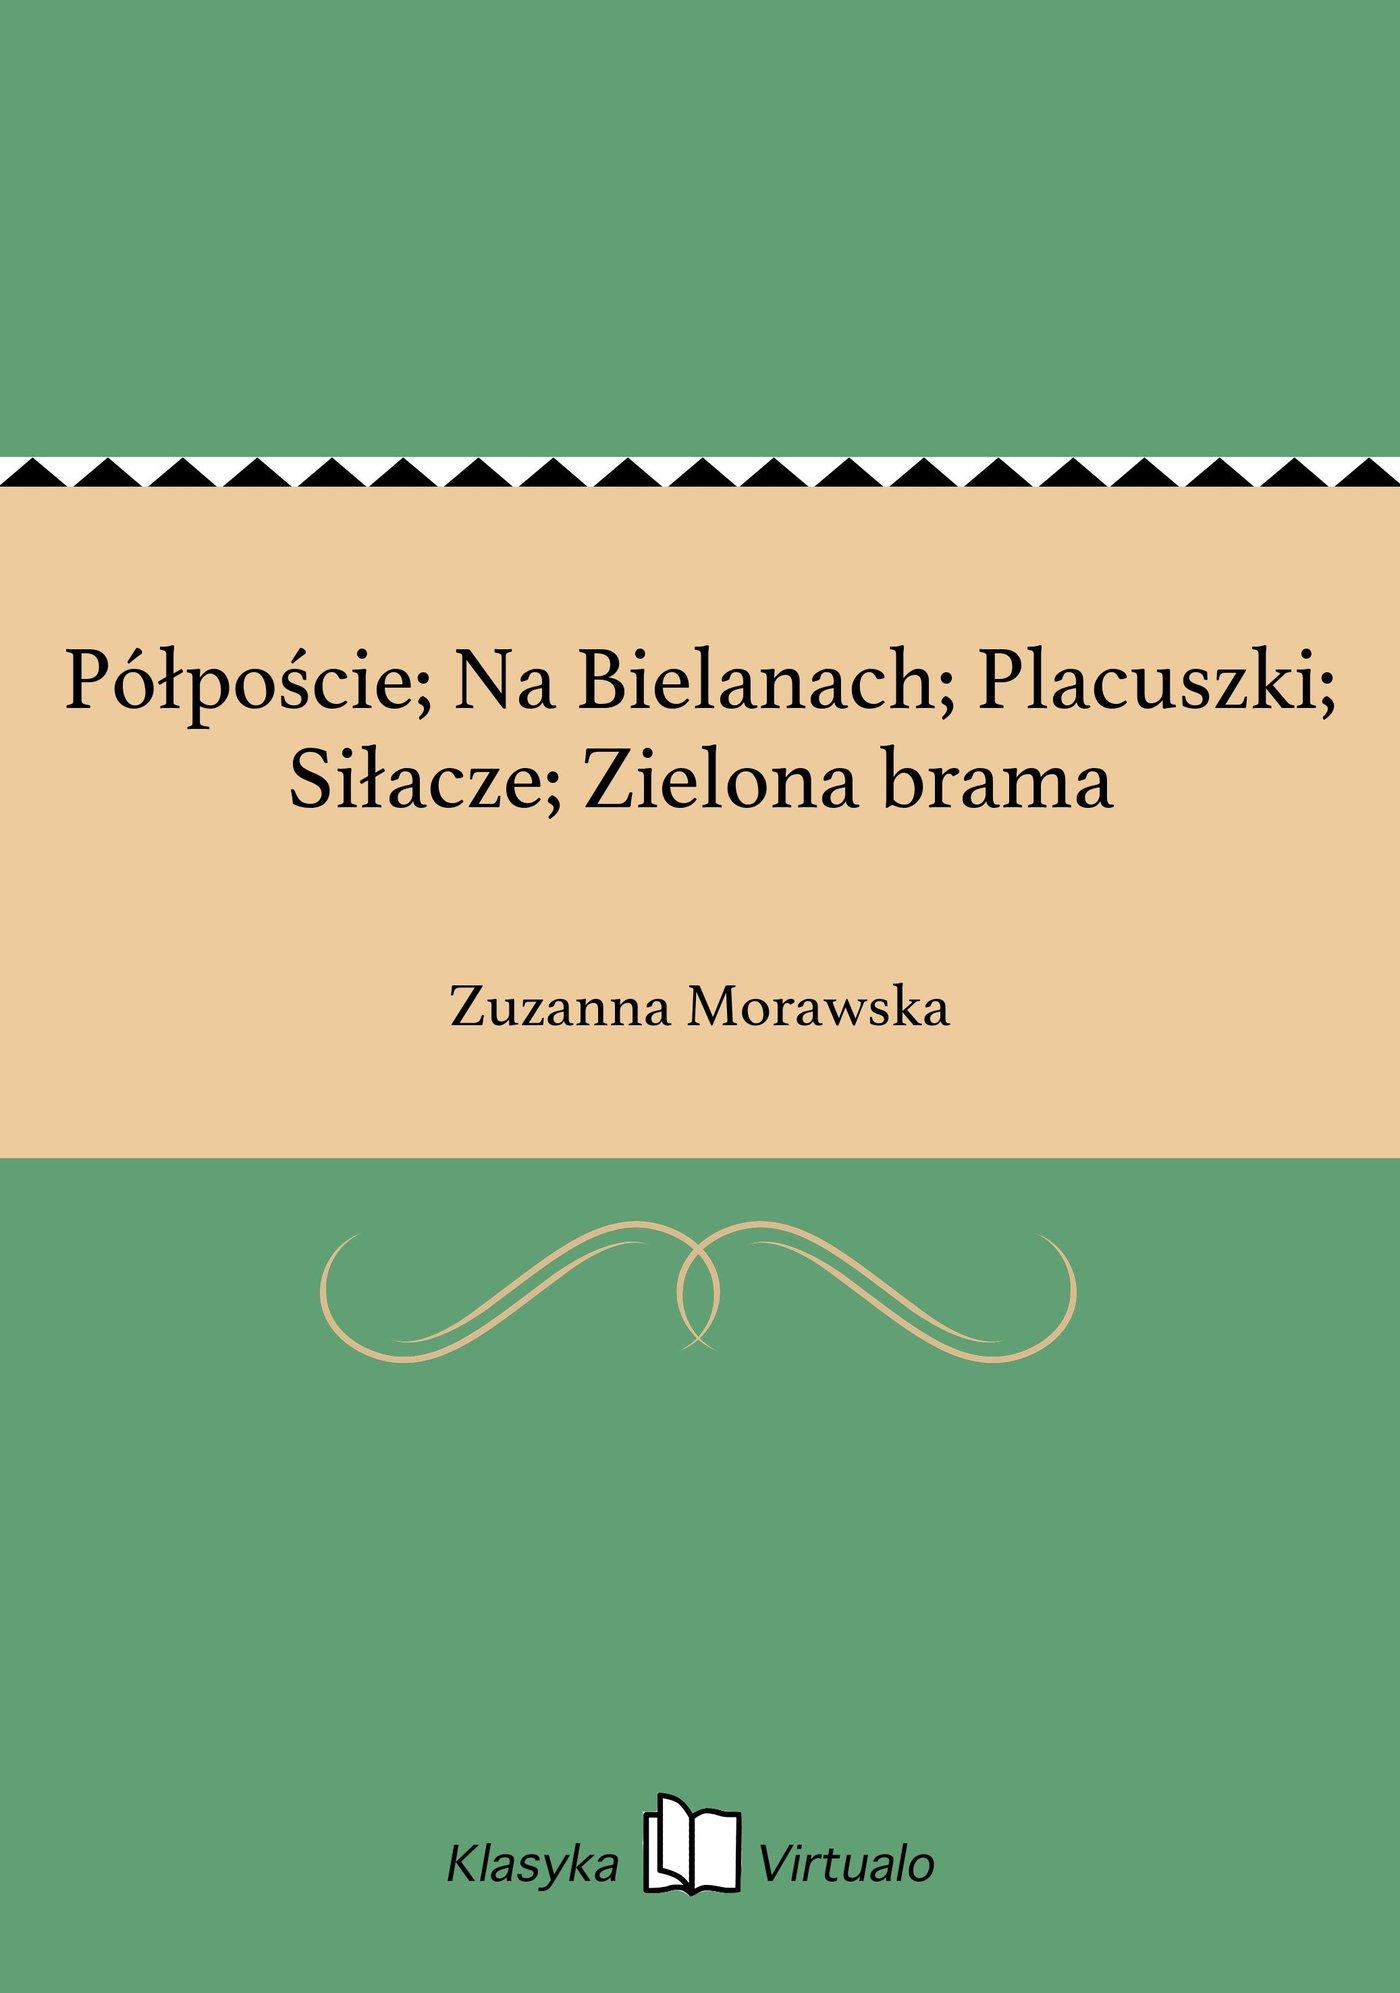 Półpoście; Na Bielanach; Placuszki; Siłacze; Zielona brama - Ebook (Książka EPUB) do pobrania w formacie EPUB